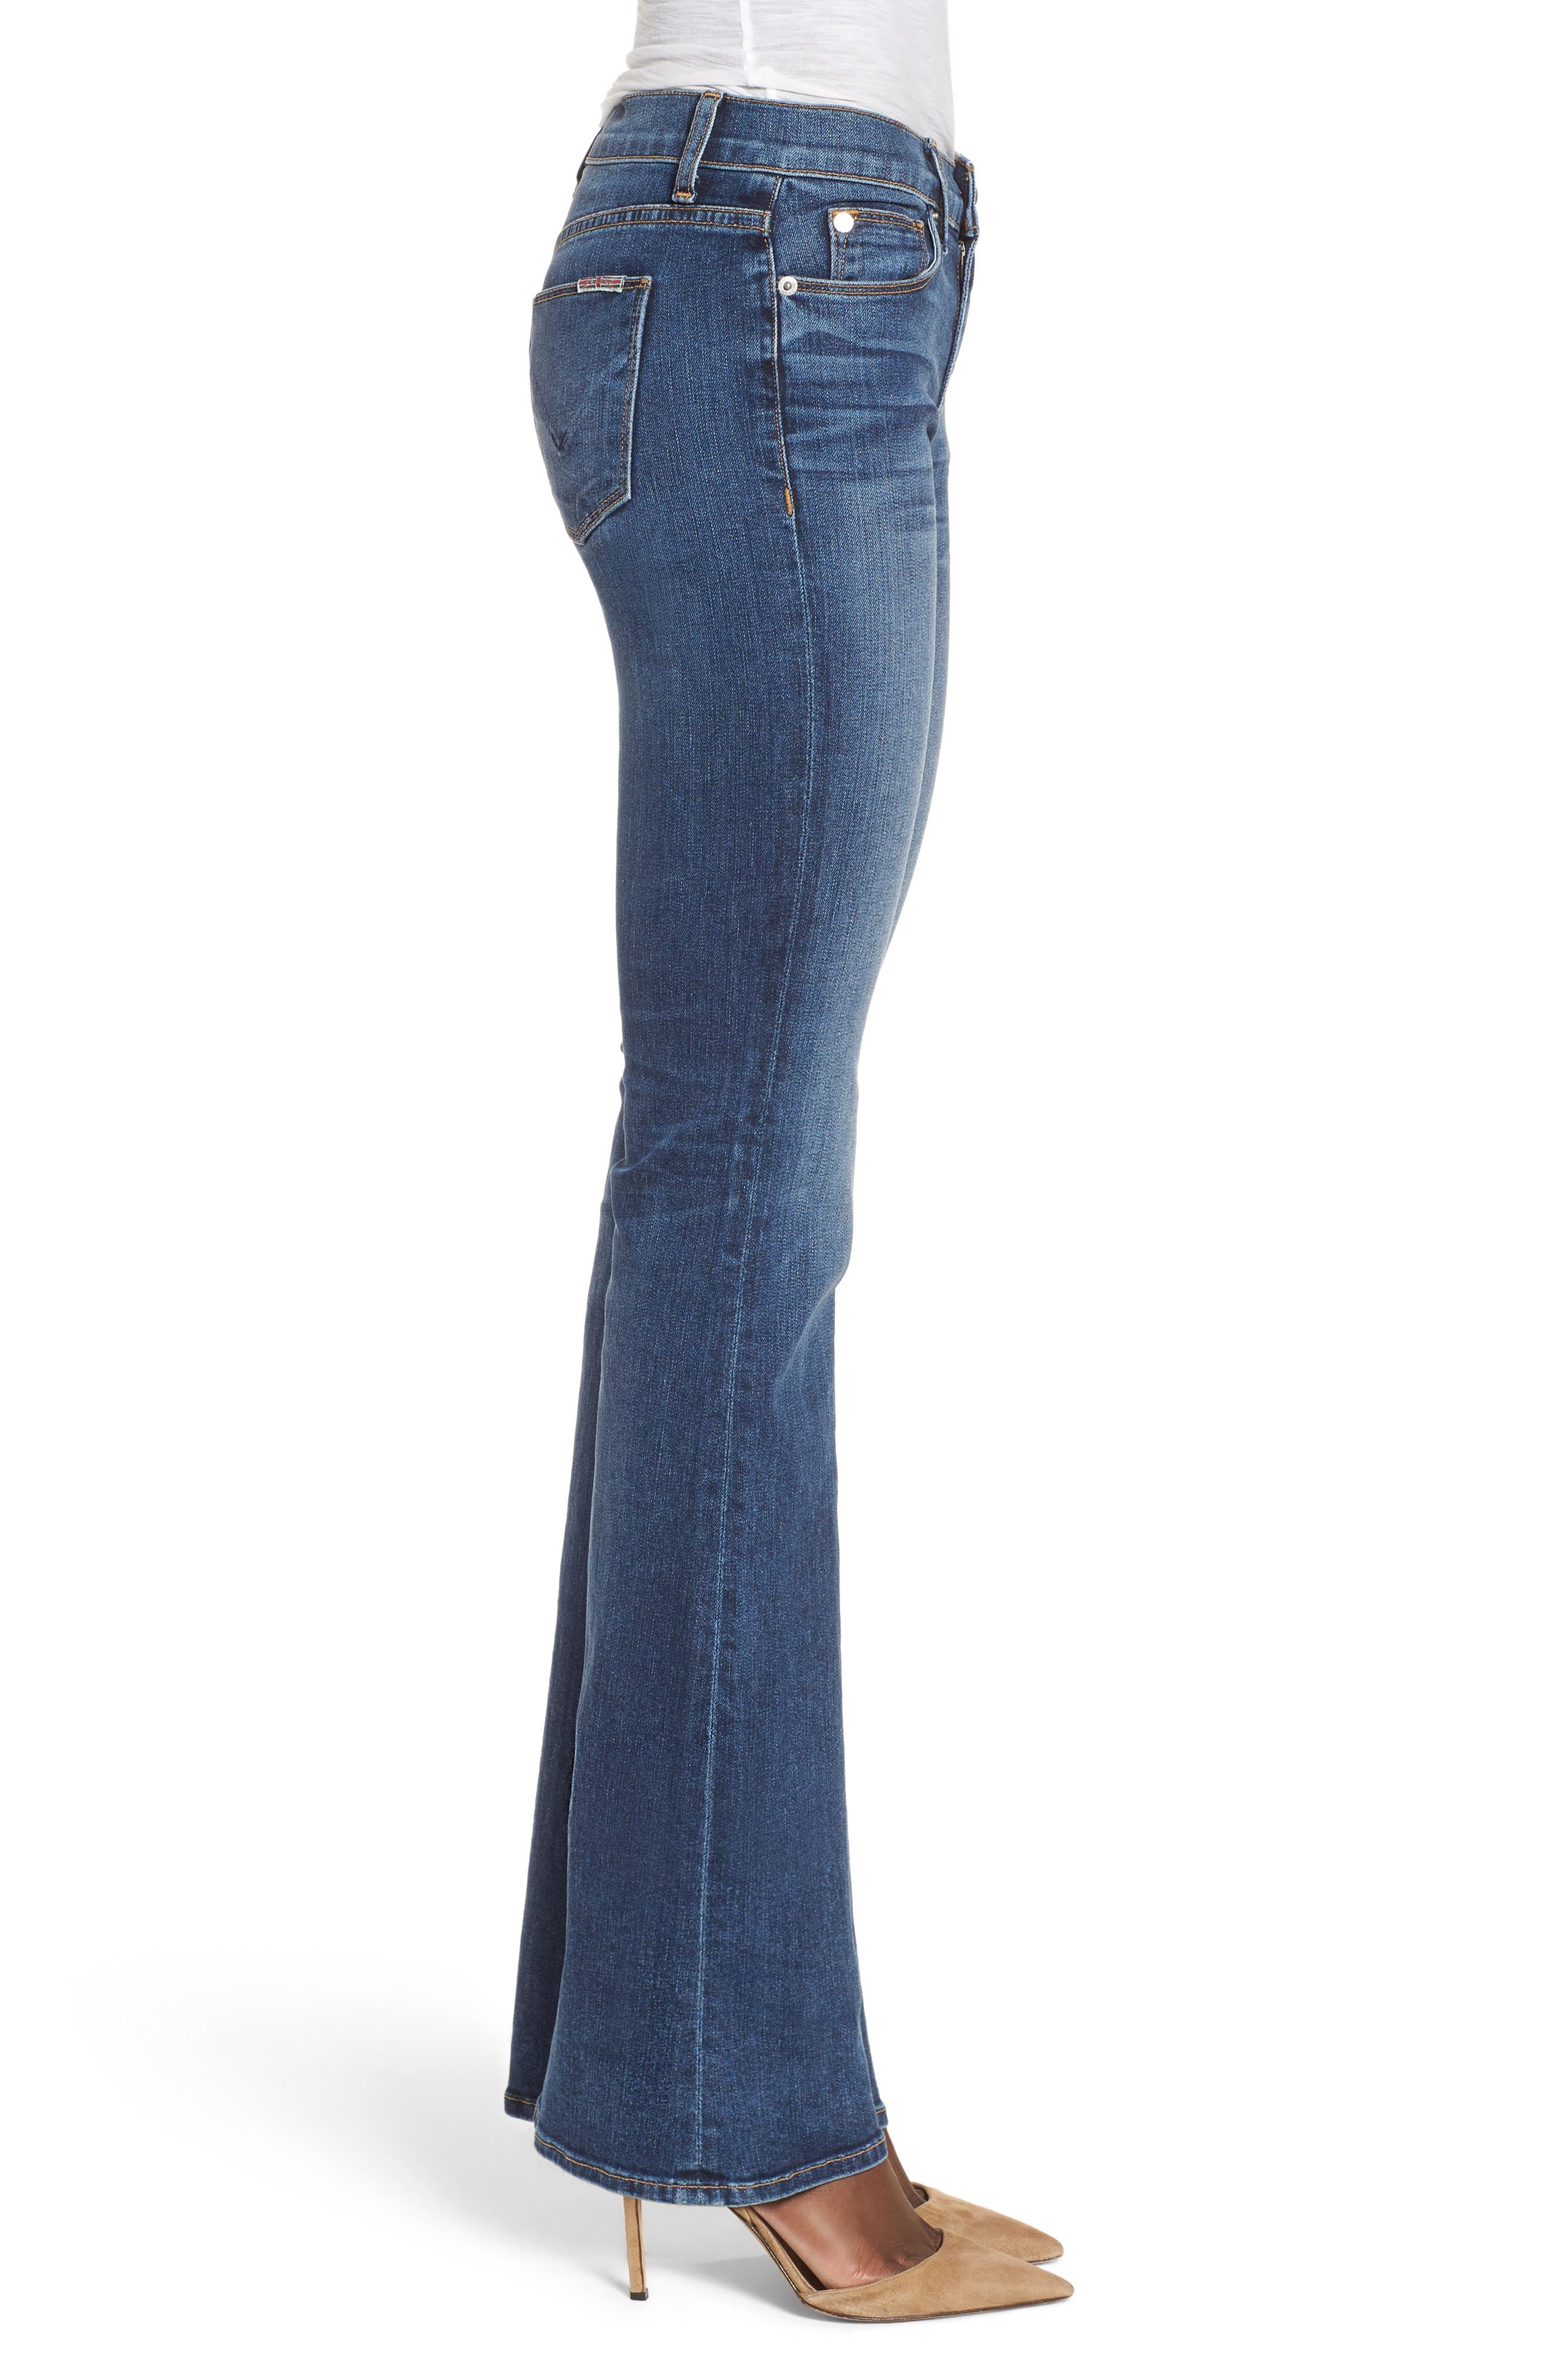 Alternate Image 3  - Hudson Jeans Drew Bootcut Jeans (Unfamed)